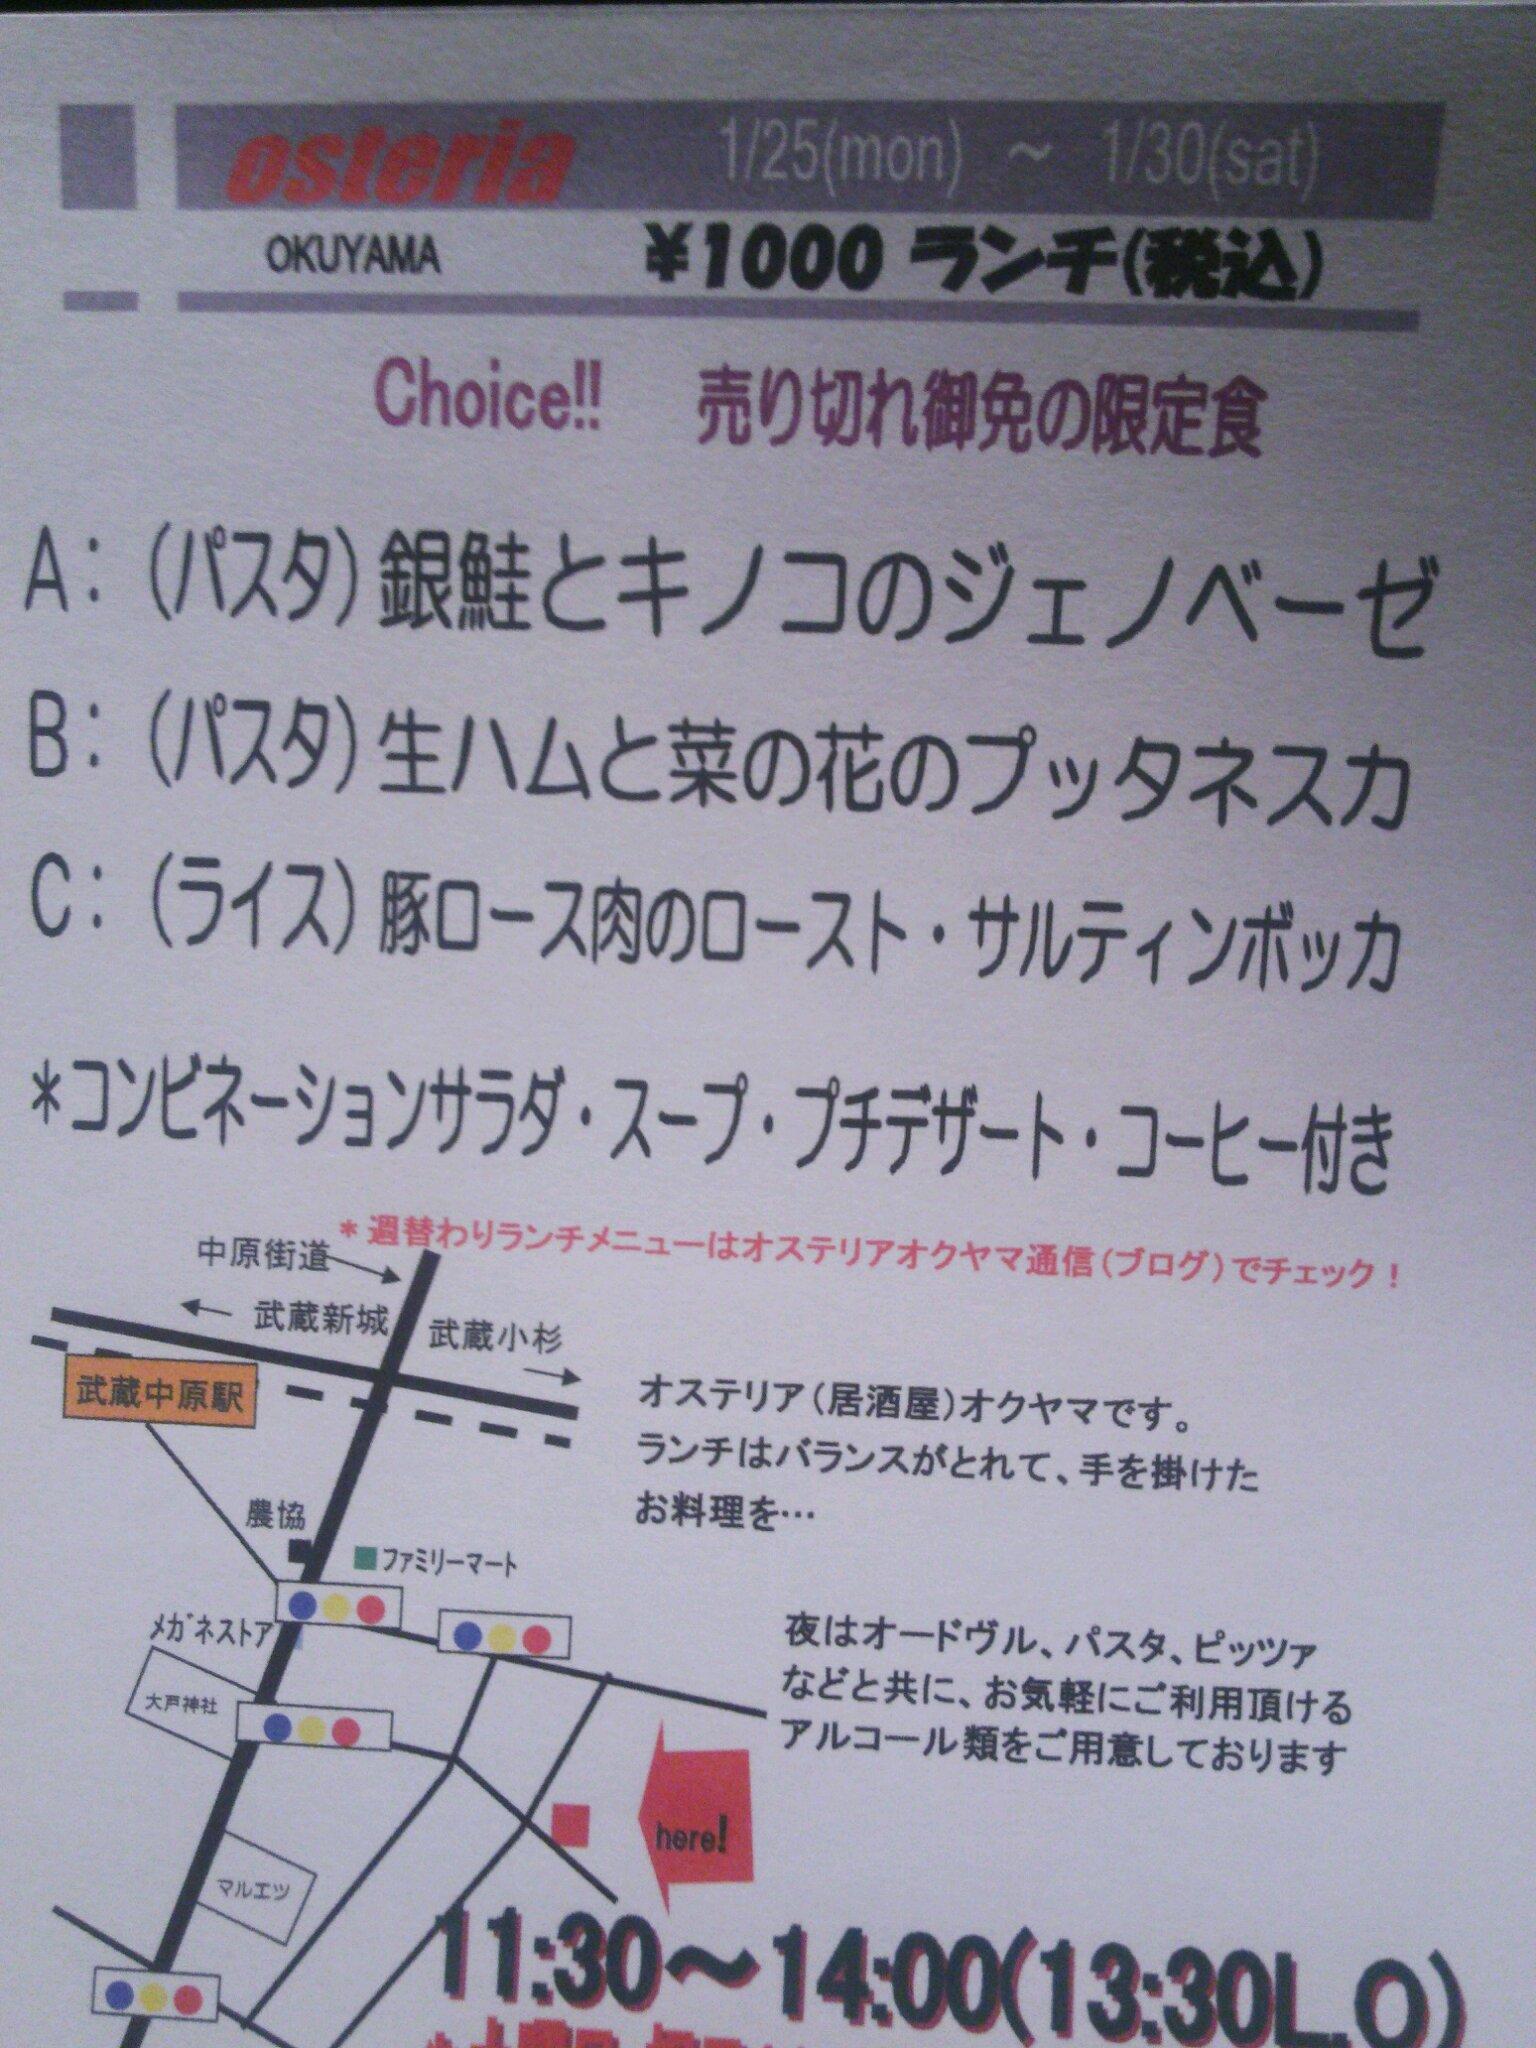 1/25(月)〜1/30(土)ランチ